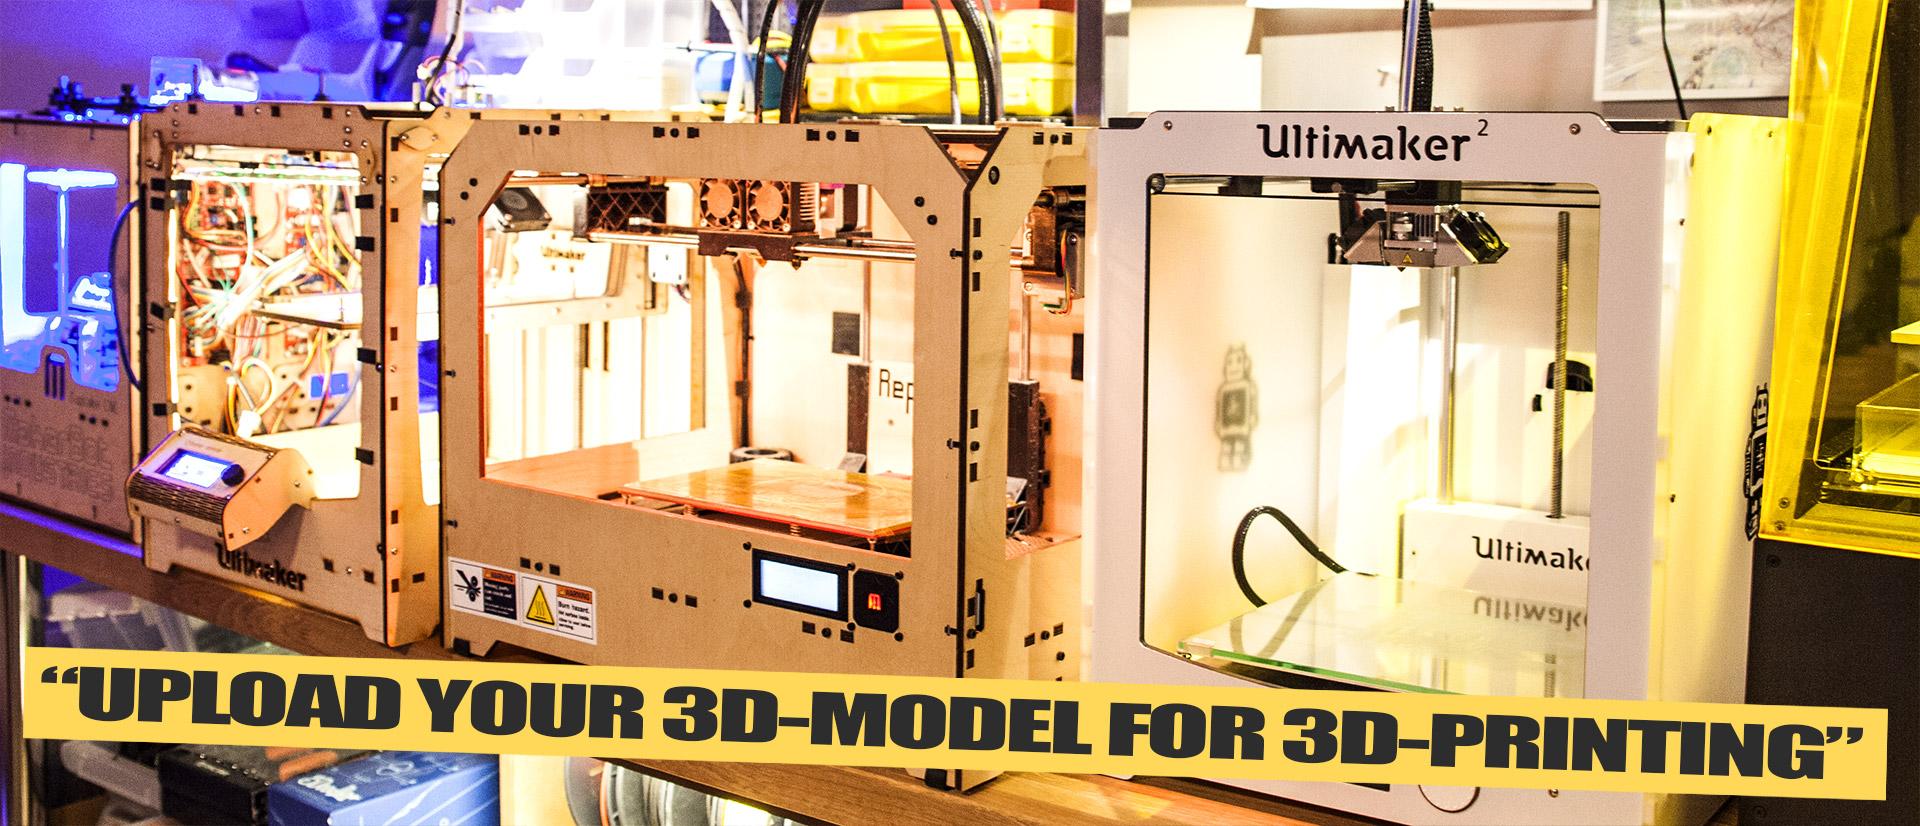 Justpressprint 3d printer models